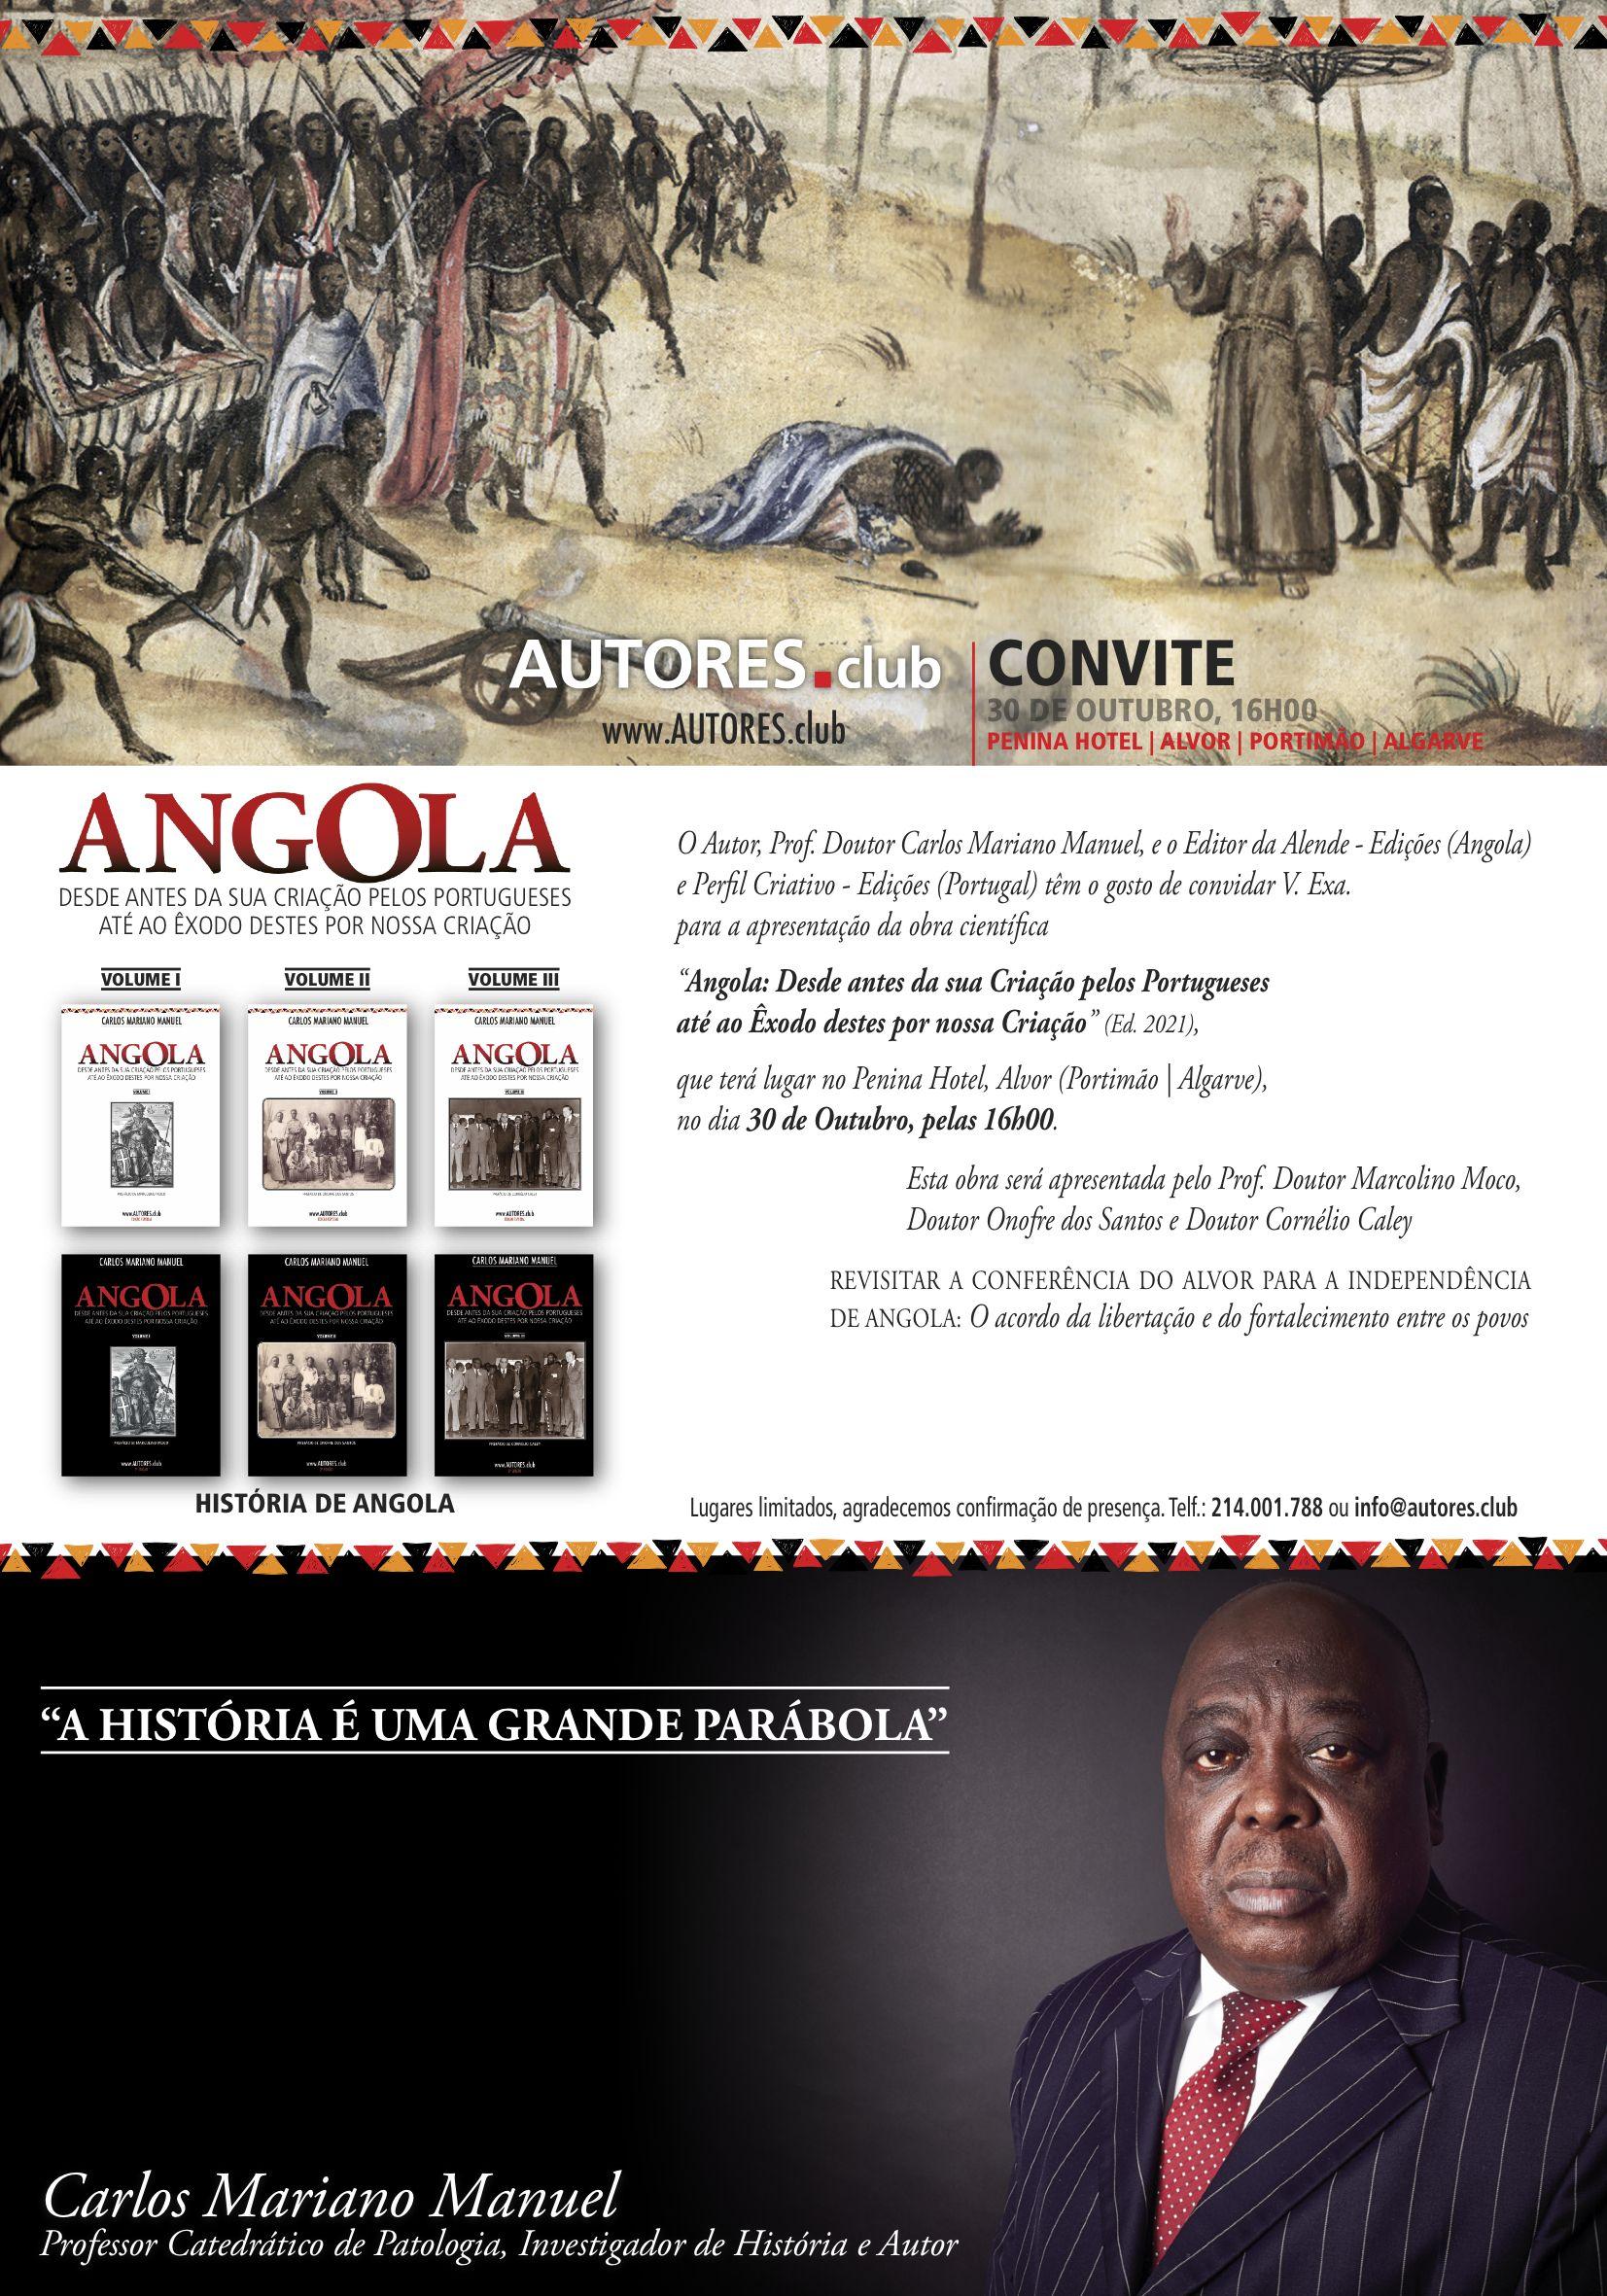 Revisitar a Conferência do Alvor para a independência de Angola: o acordo da libertação e do fortalecimento entre os povos